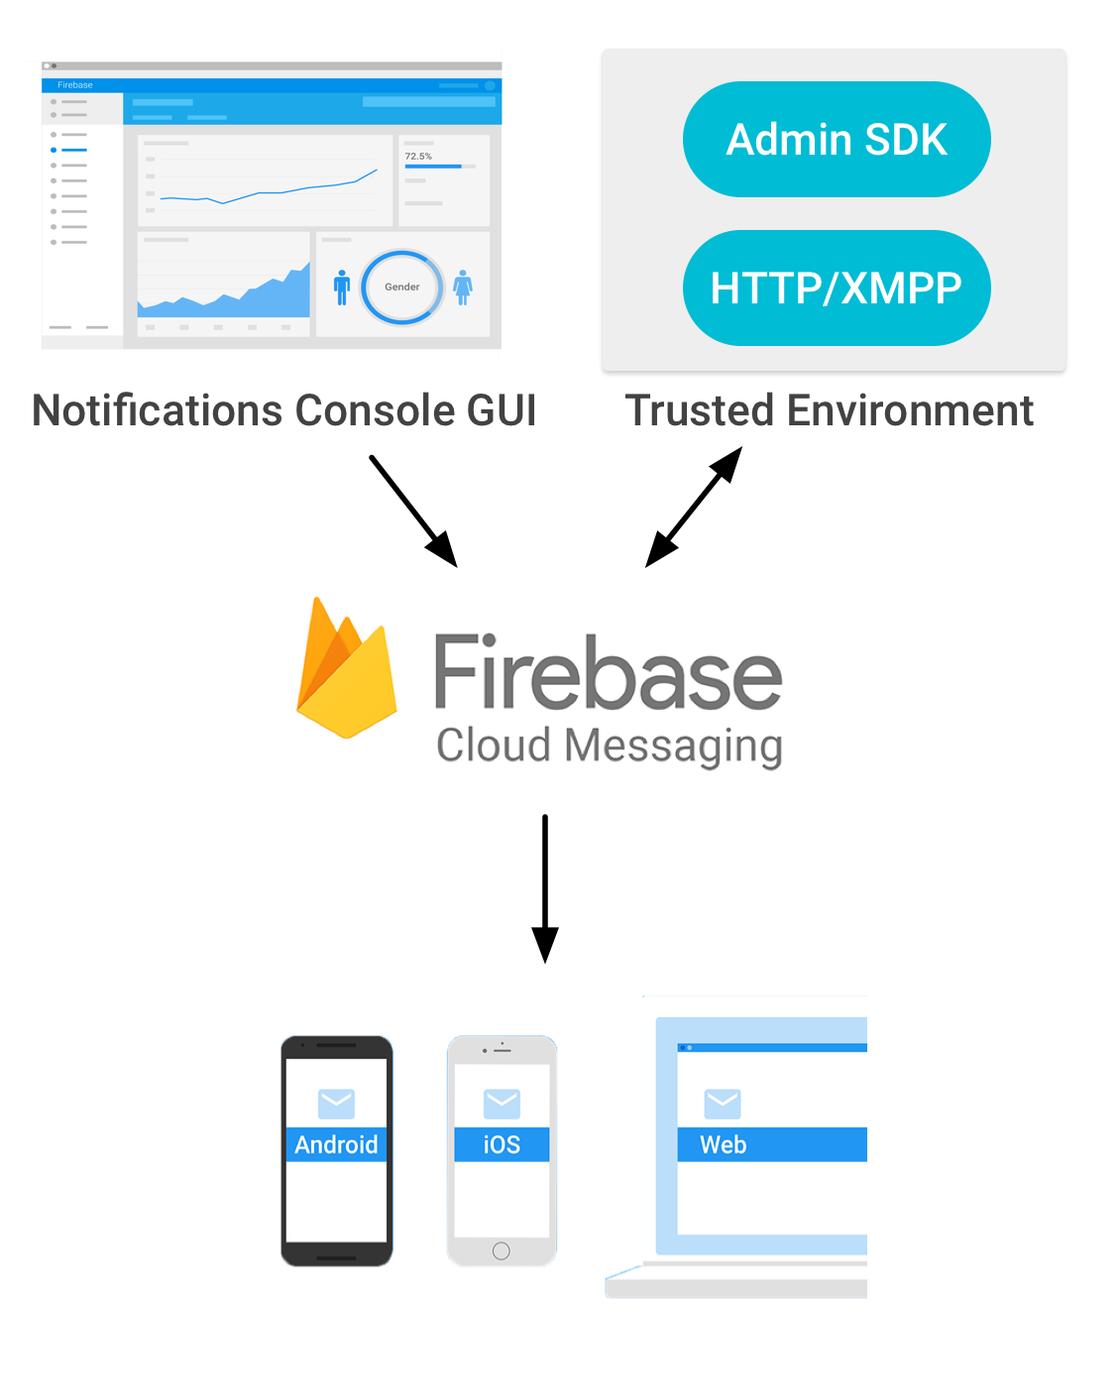 Firebase 云消息传递